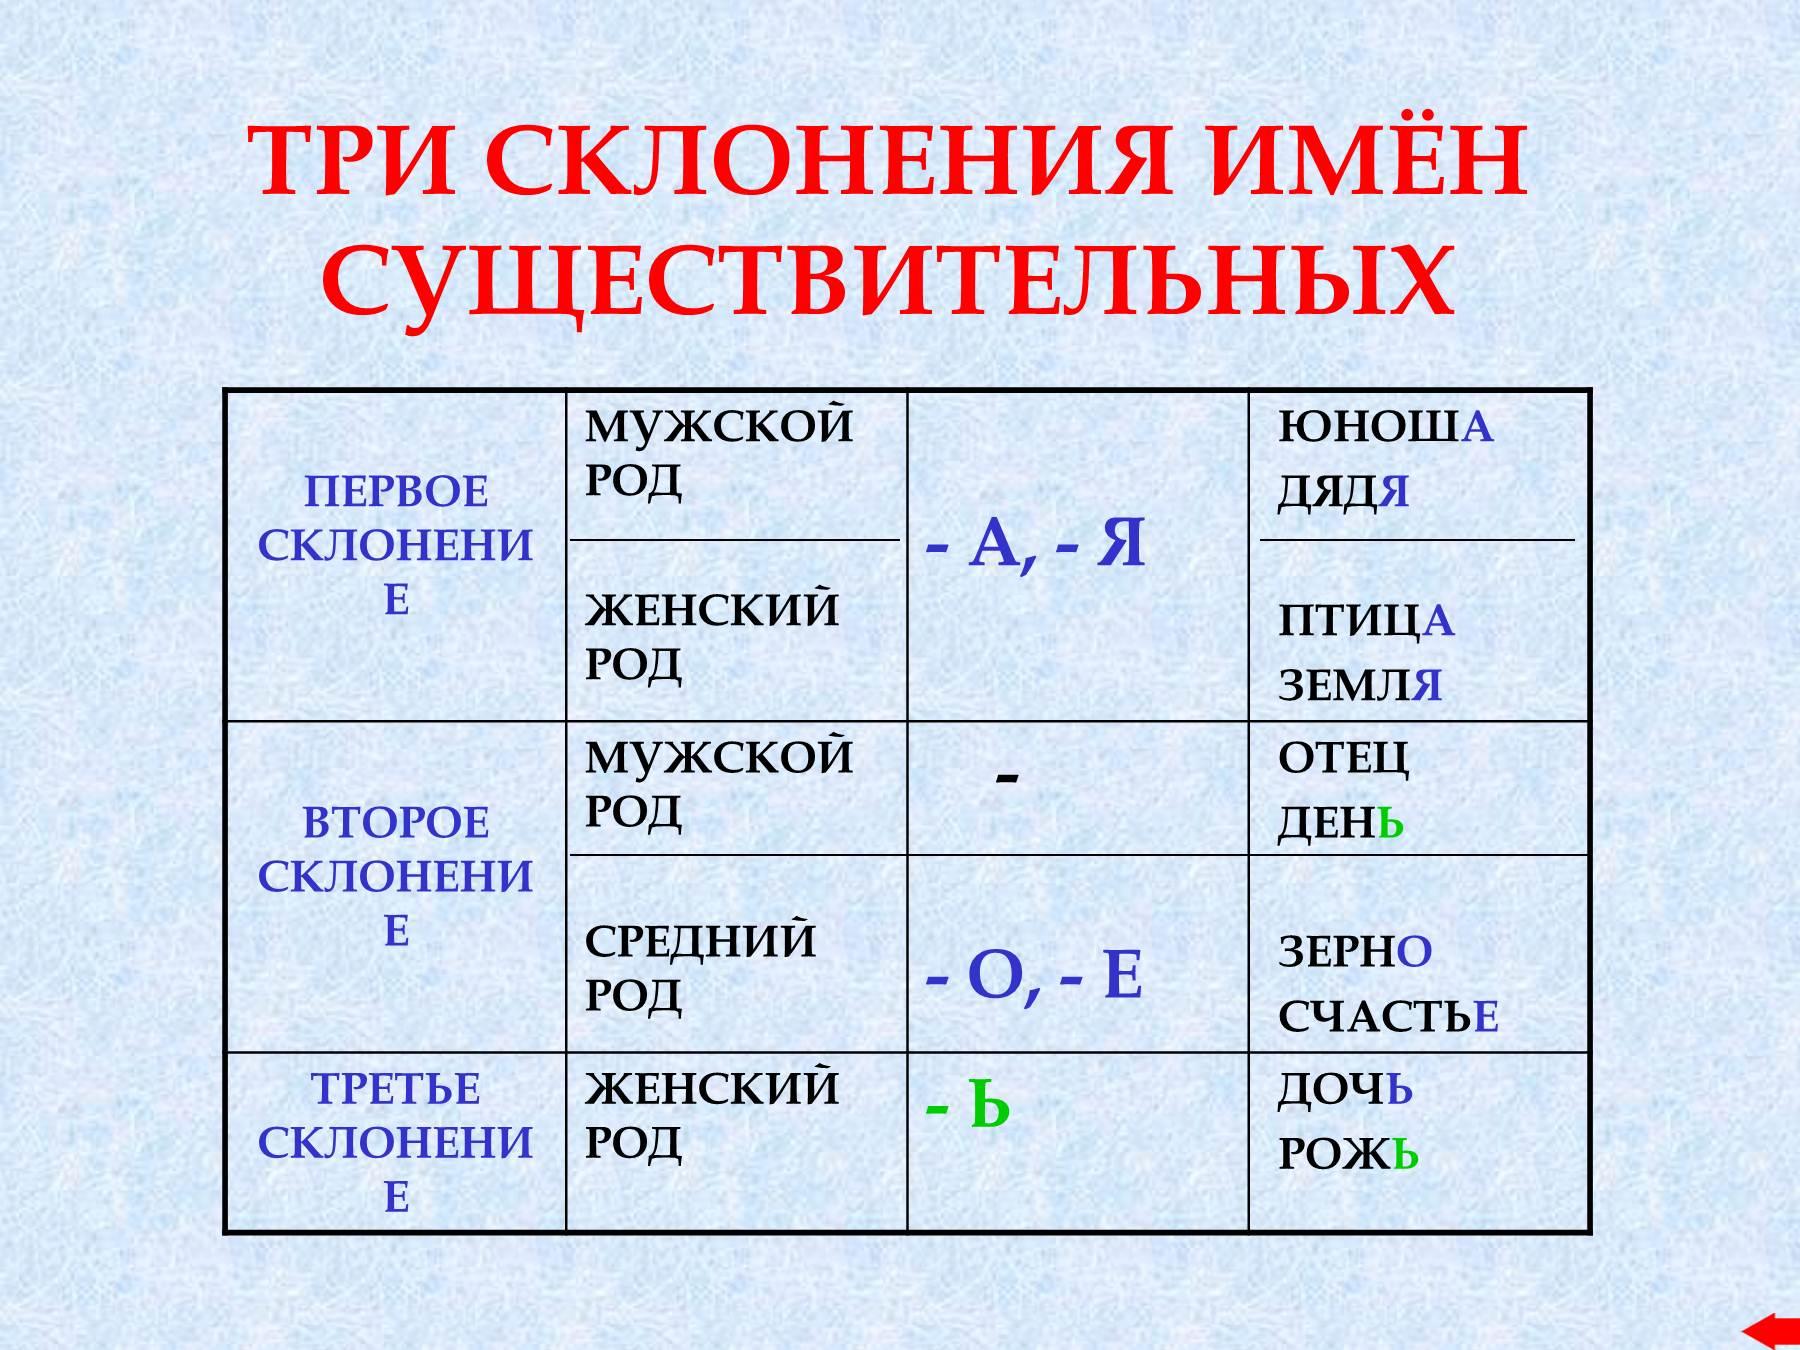 Как сделать таблицу имен существительных